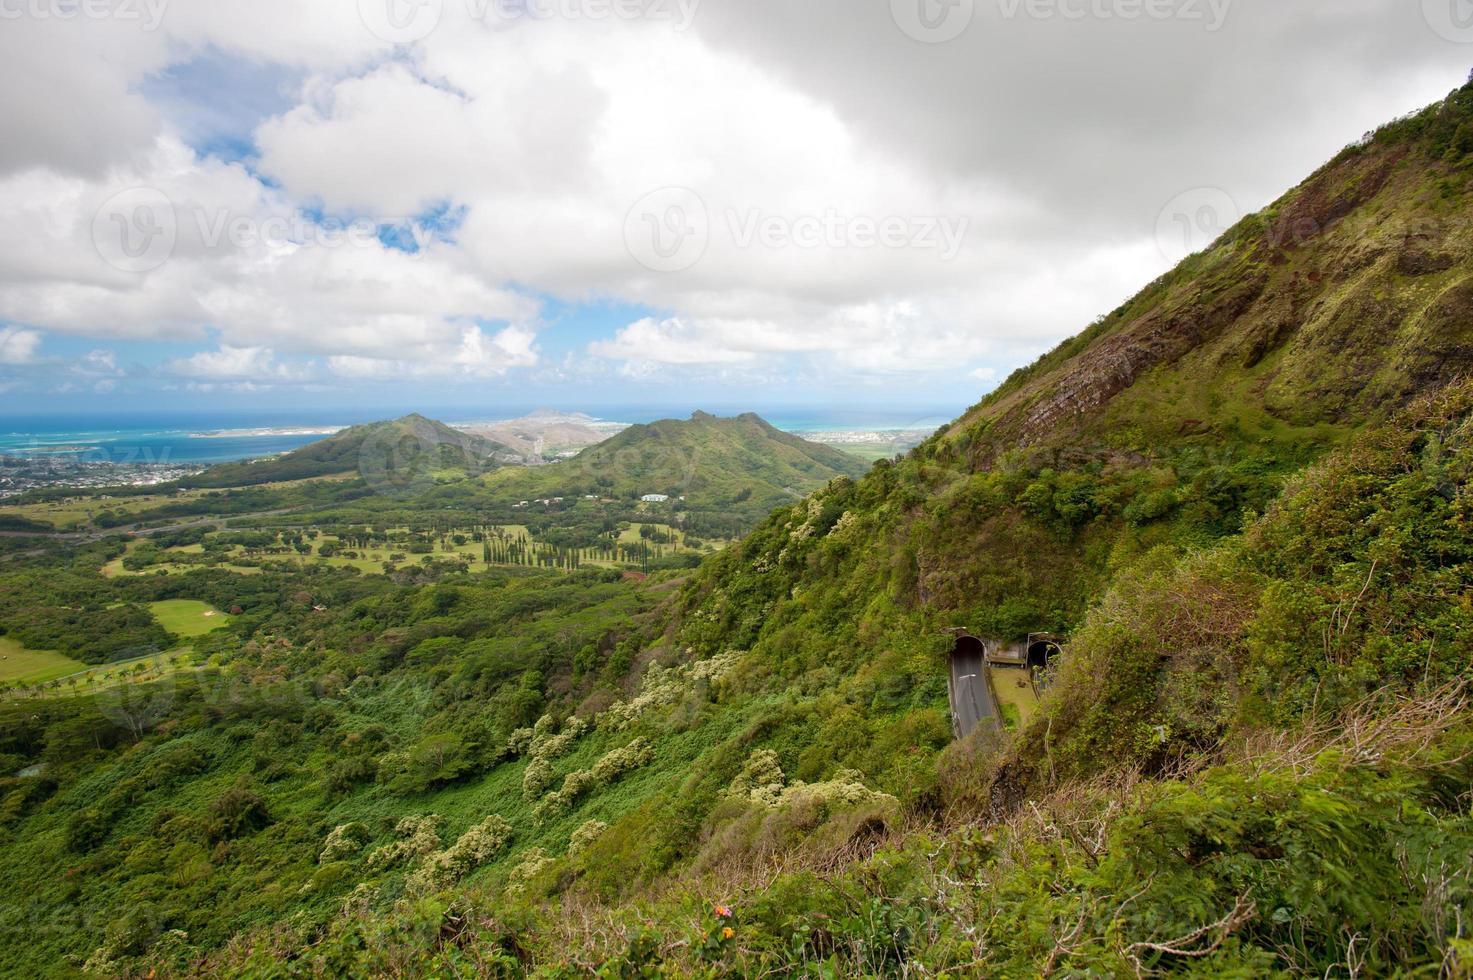 utsikt över oahu från pali-utsikten. foto